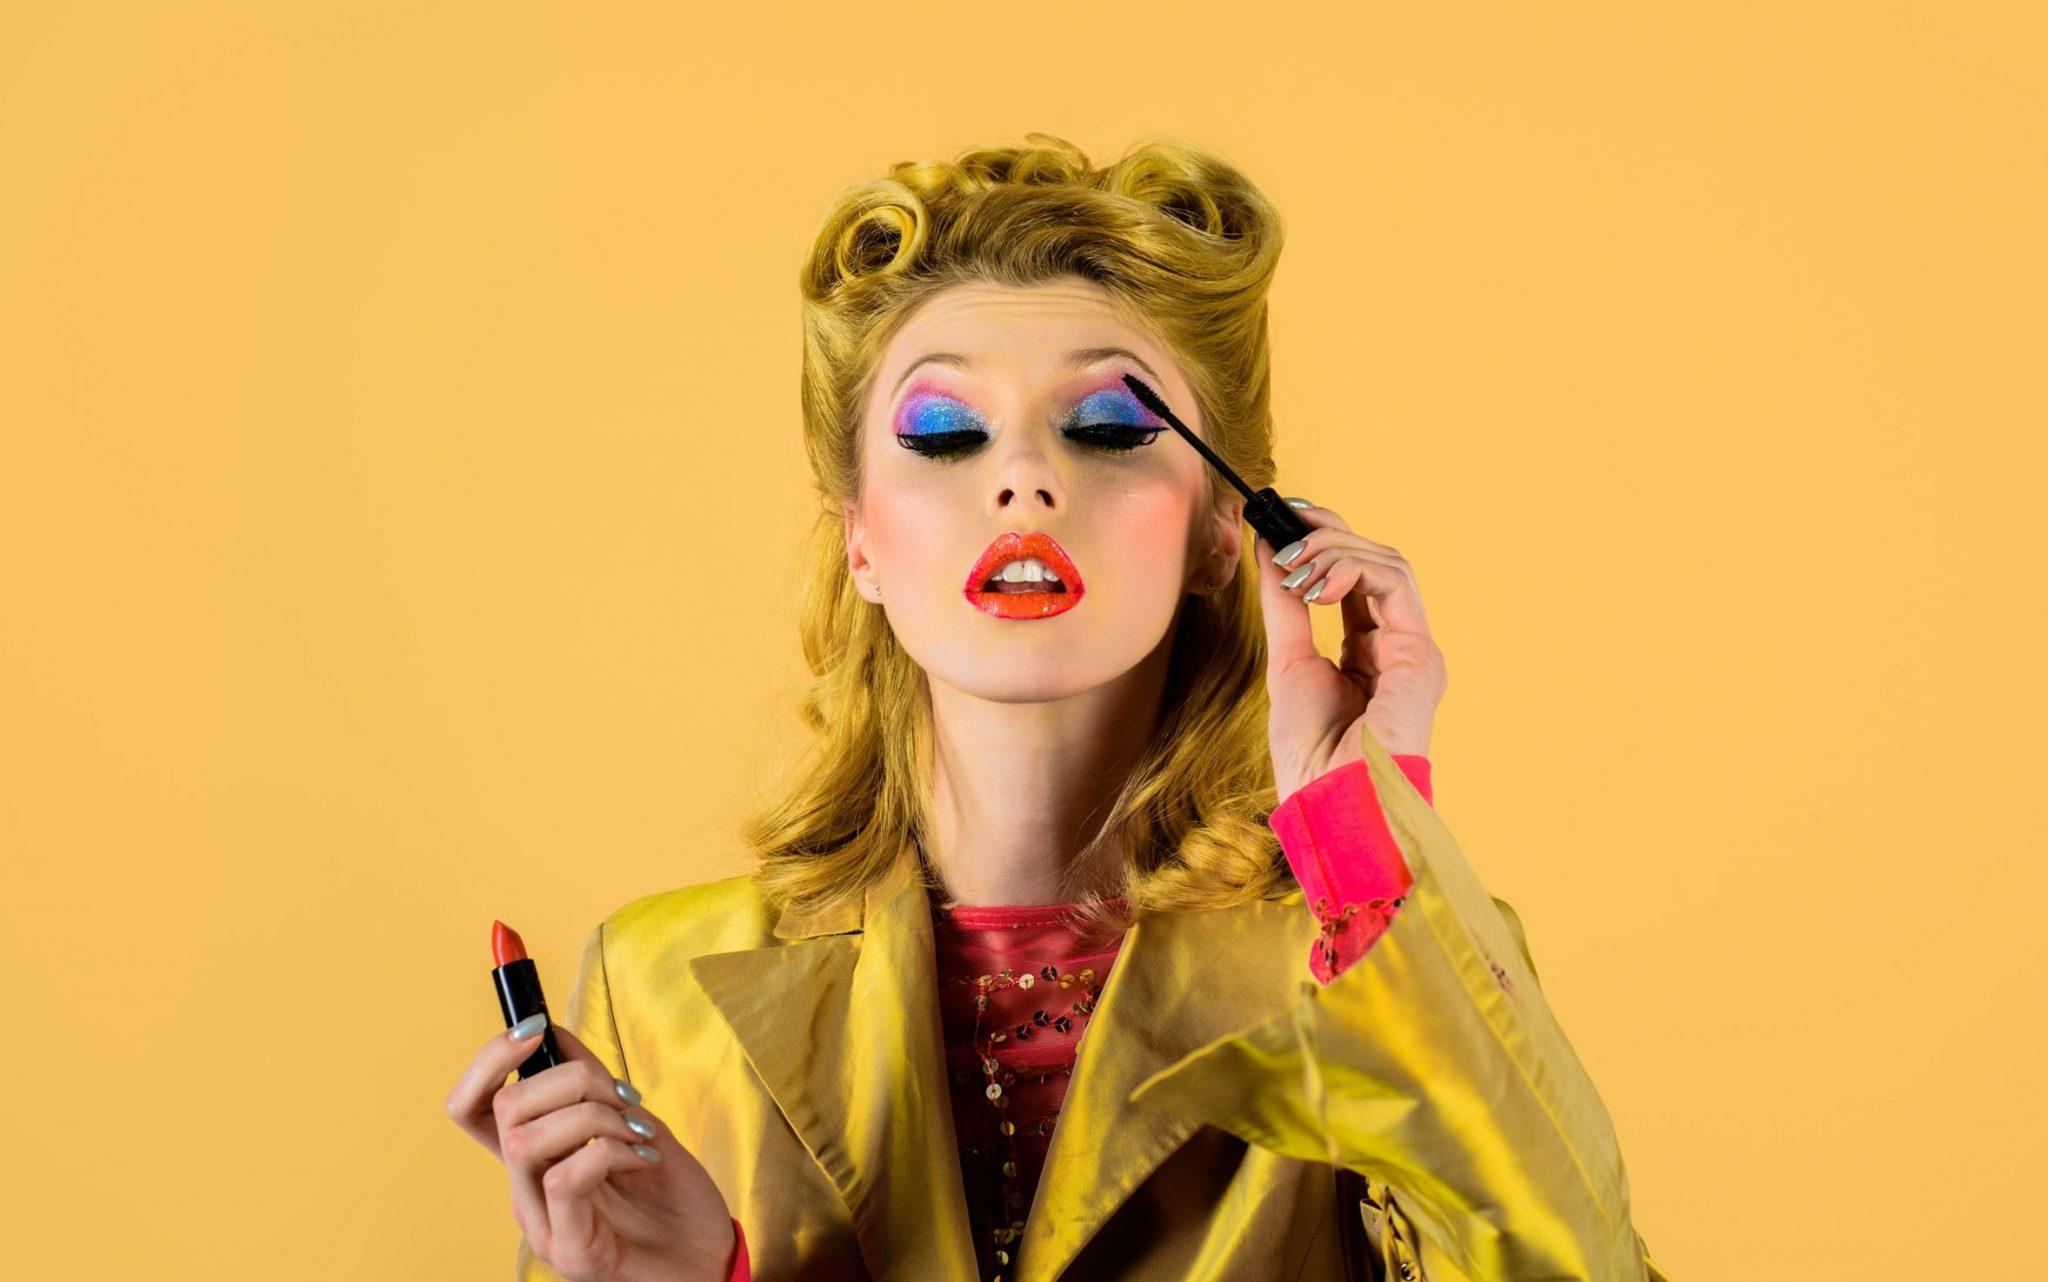 Junge Frau schminkt sich im 50er Jahre Stil